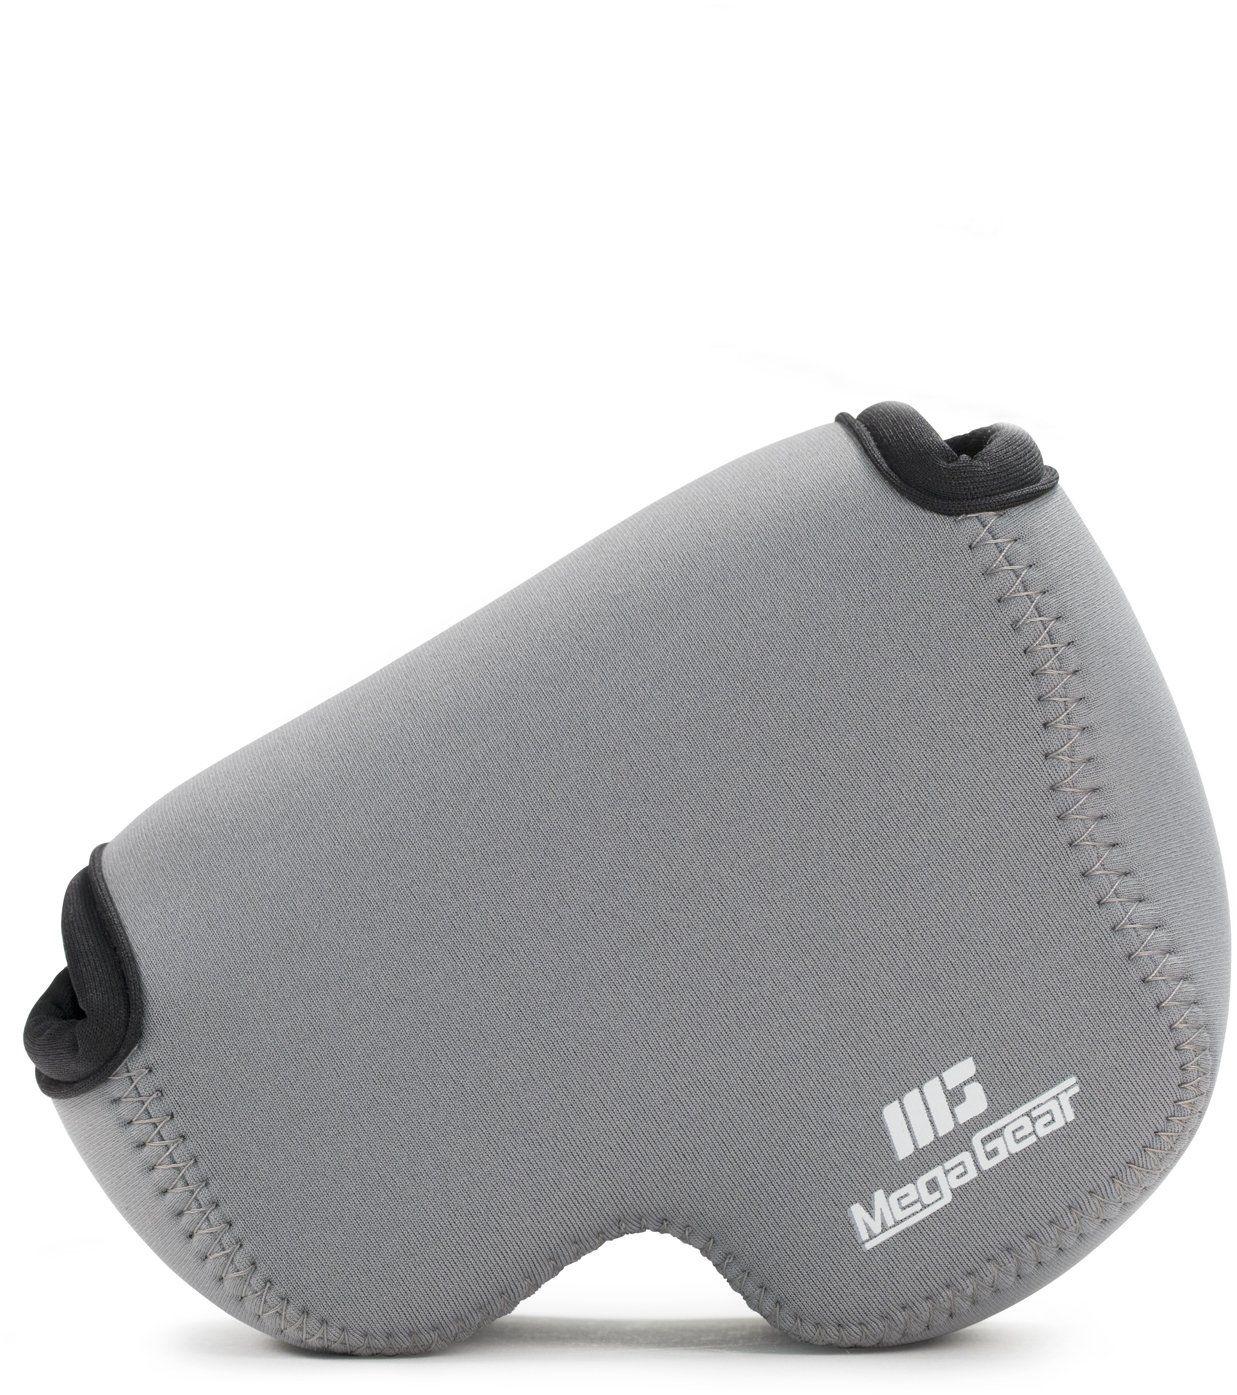 MegaGear ''Ultra Light'' neoprenowa torba na aparat z karabińczykiem do aparatu cyfrowego Nikon COOLPIX B500 (szary)